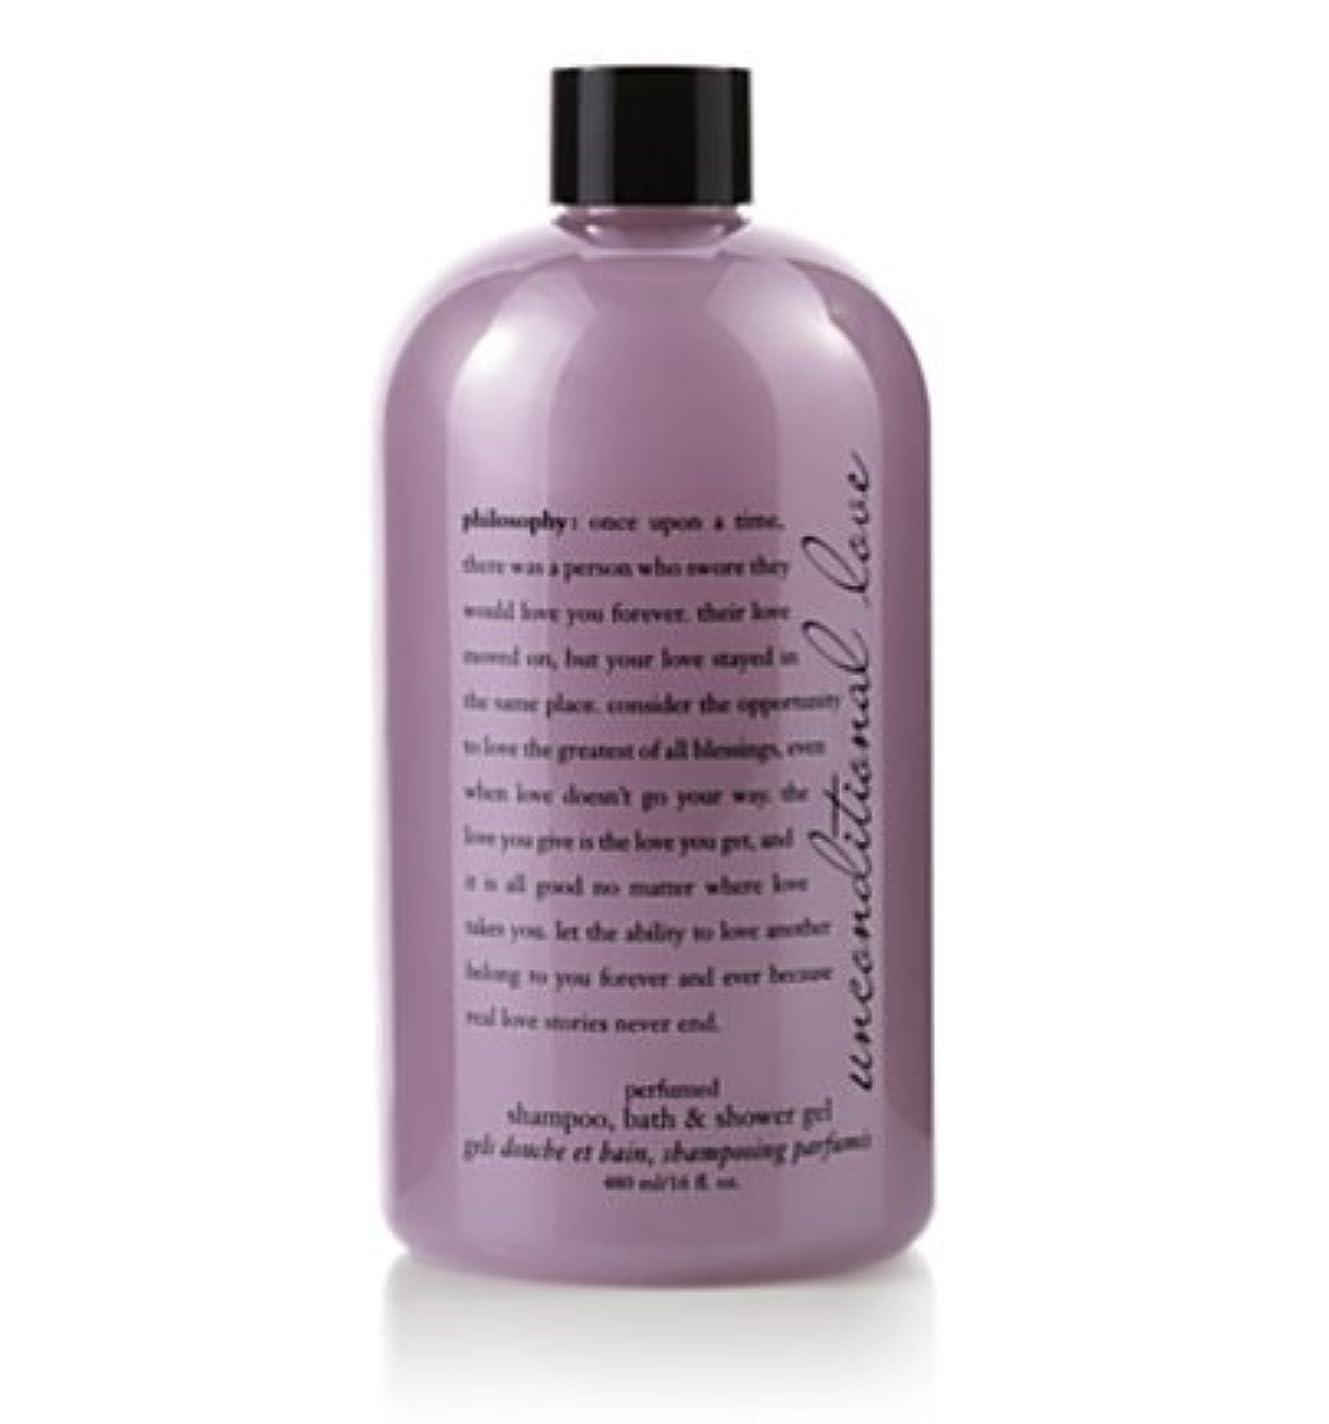 蒸気不十分供給unconditional love (アンコンディショナルラブ ) 16.0 oz (480ml) perfumed shampoo, bath & shower gel for Women